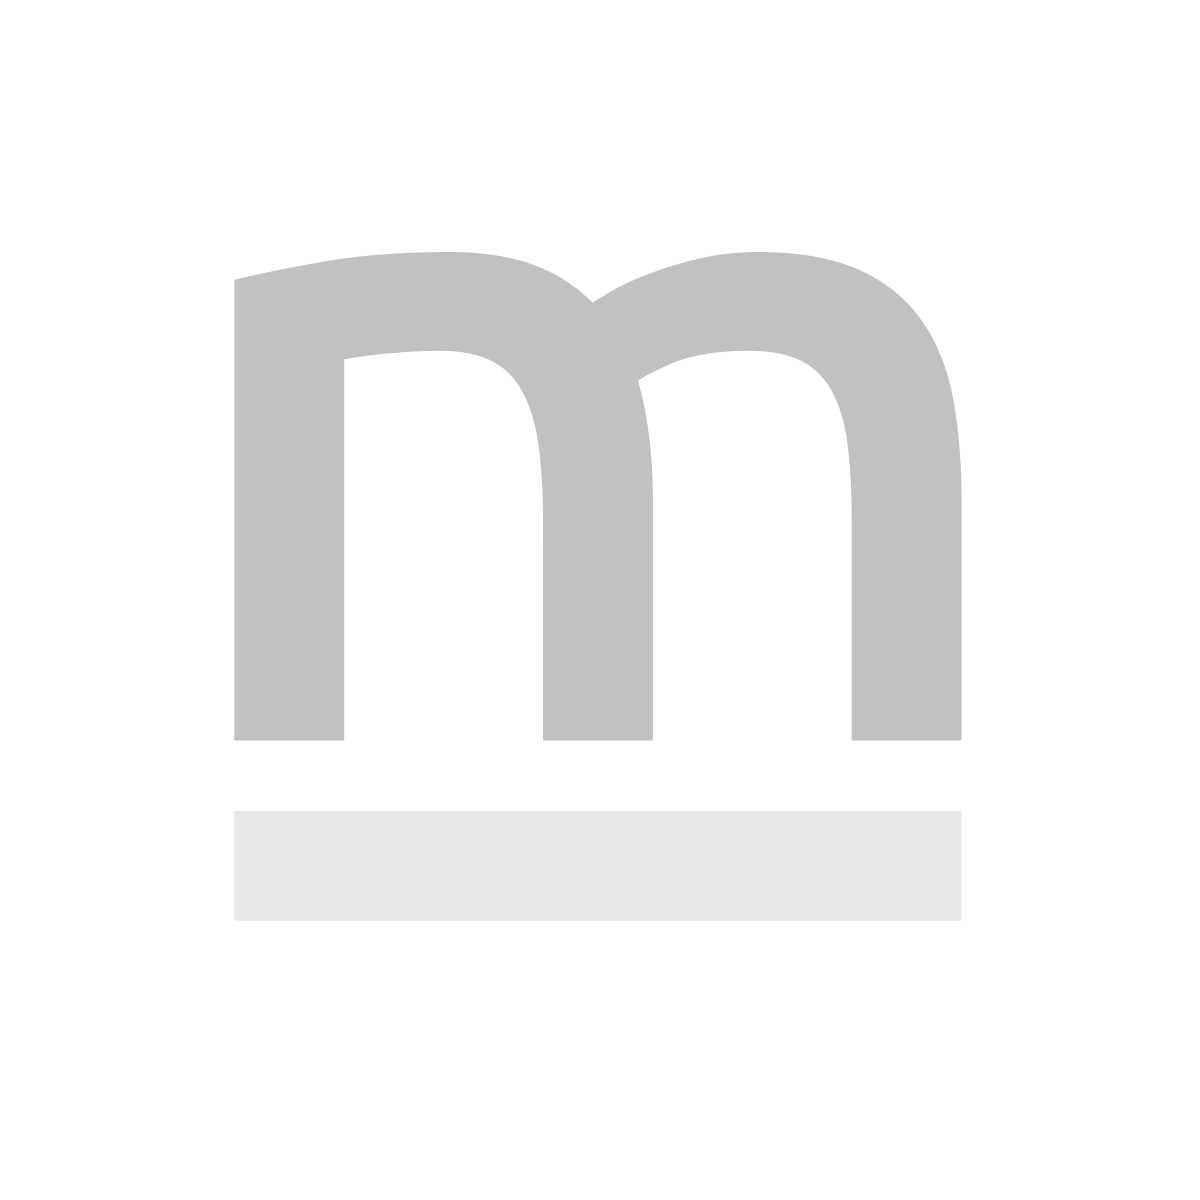 Obraz - Symbole Francji - tryptyk